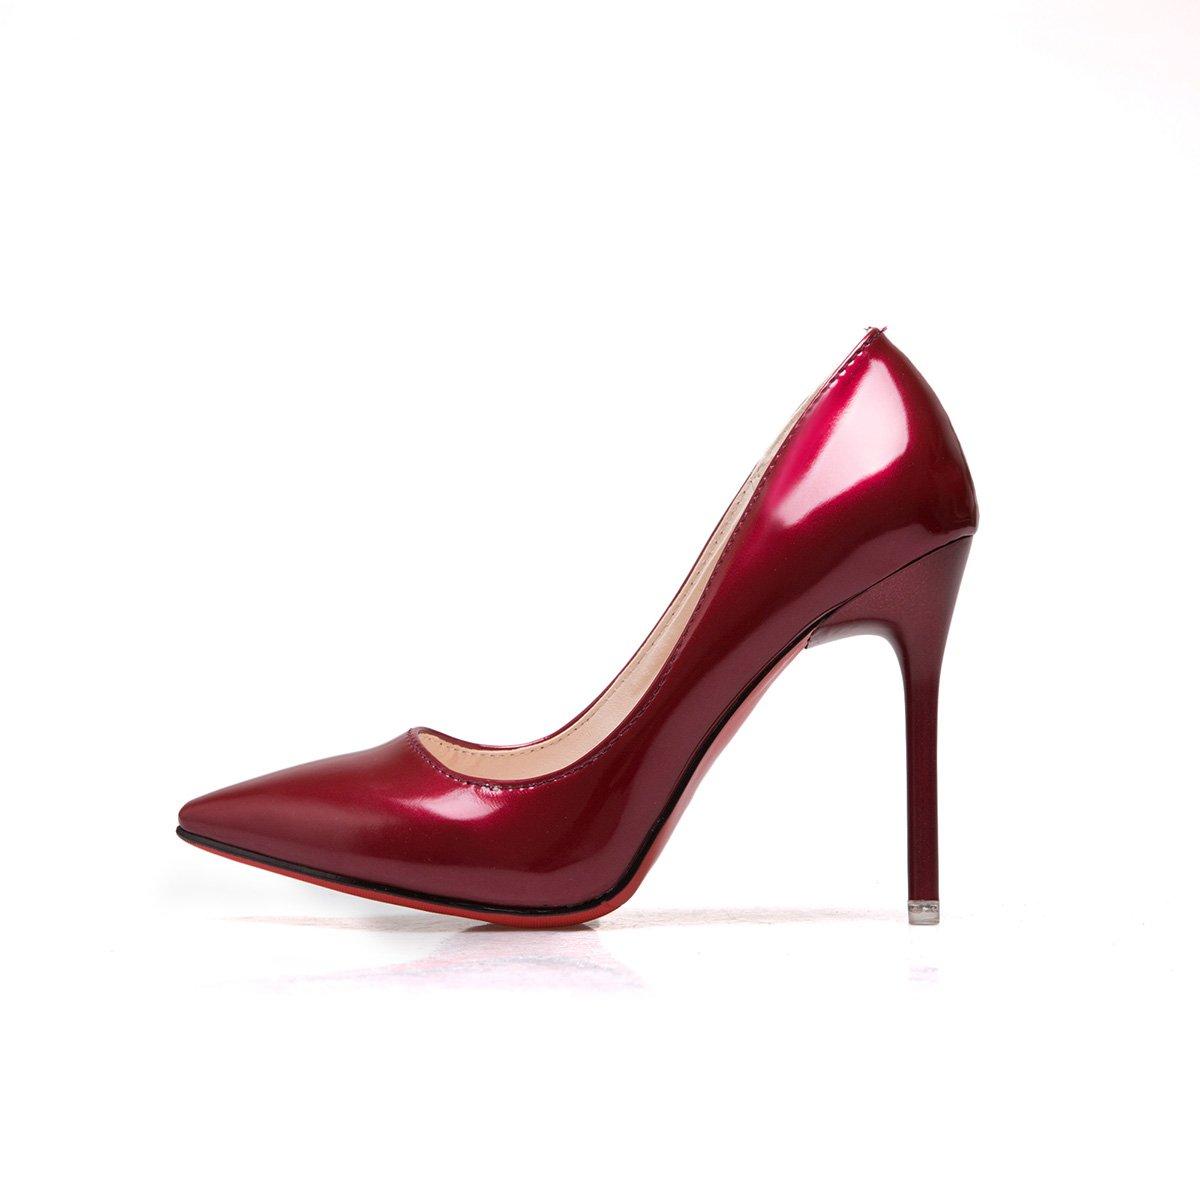 Xue Qiqi Licht - Schuhe bemalte Leder Einzel Schuhe fein mit einem spitzen Schuhe - mit hohen Absätzen und vielseitige Karriere Schuhe weiblich, 38, Merlot (10 cm) - 0c843a